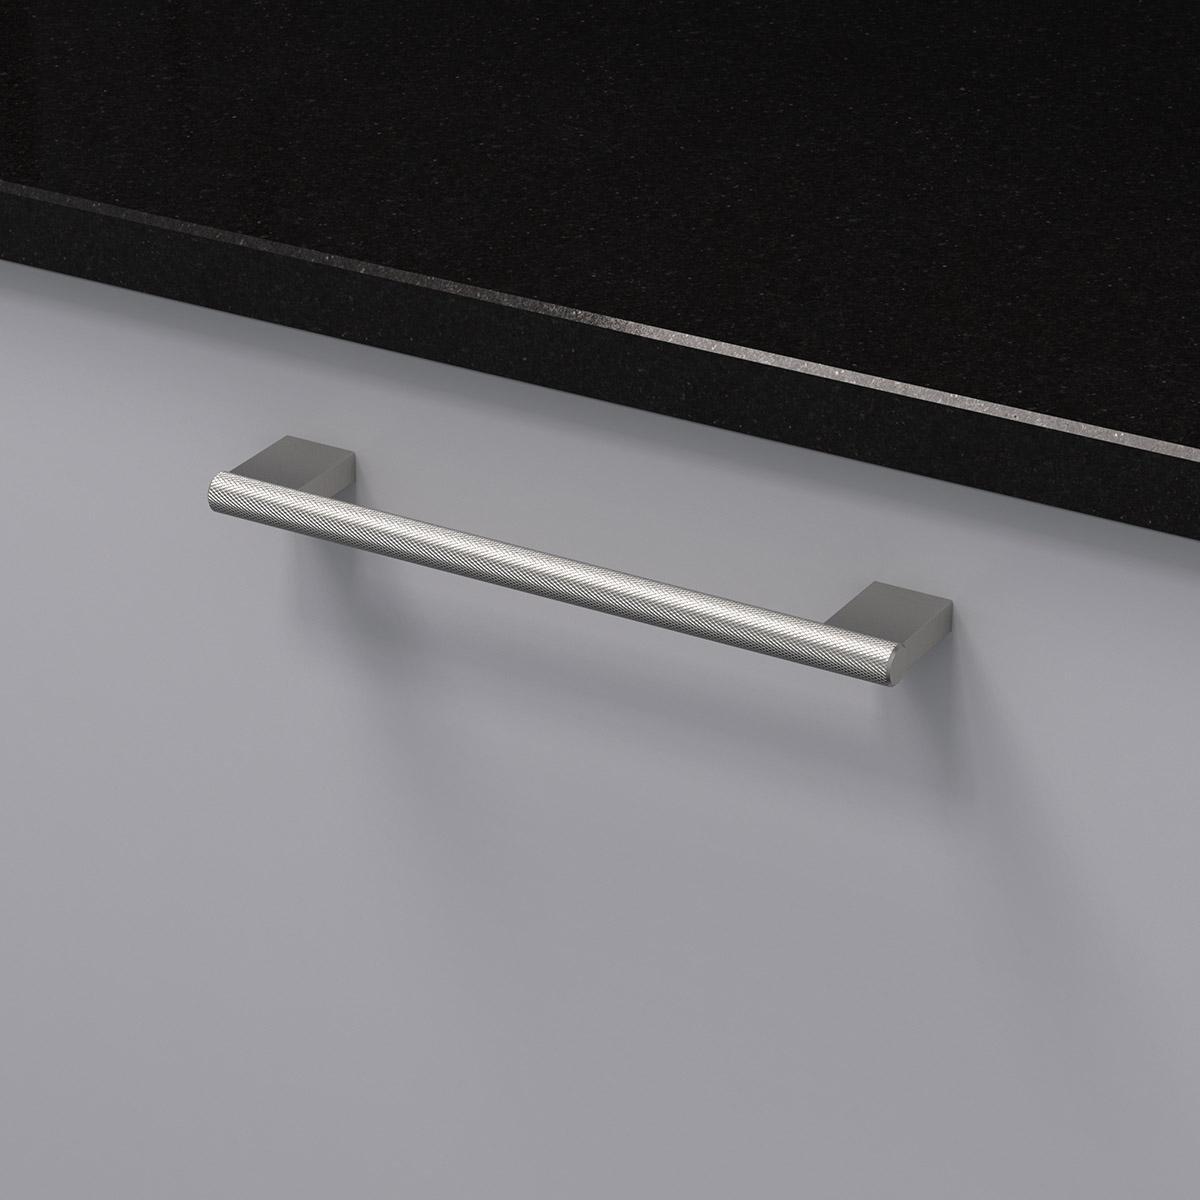 Handtag graf mini rostfri look 370232 11 cc 160 mm ncs s 3000 n granit svart